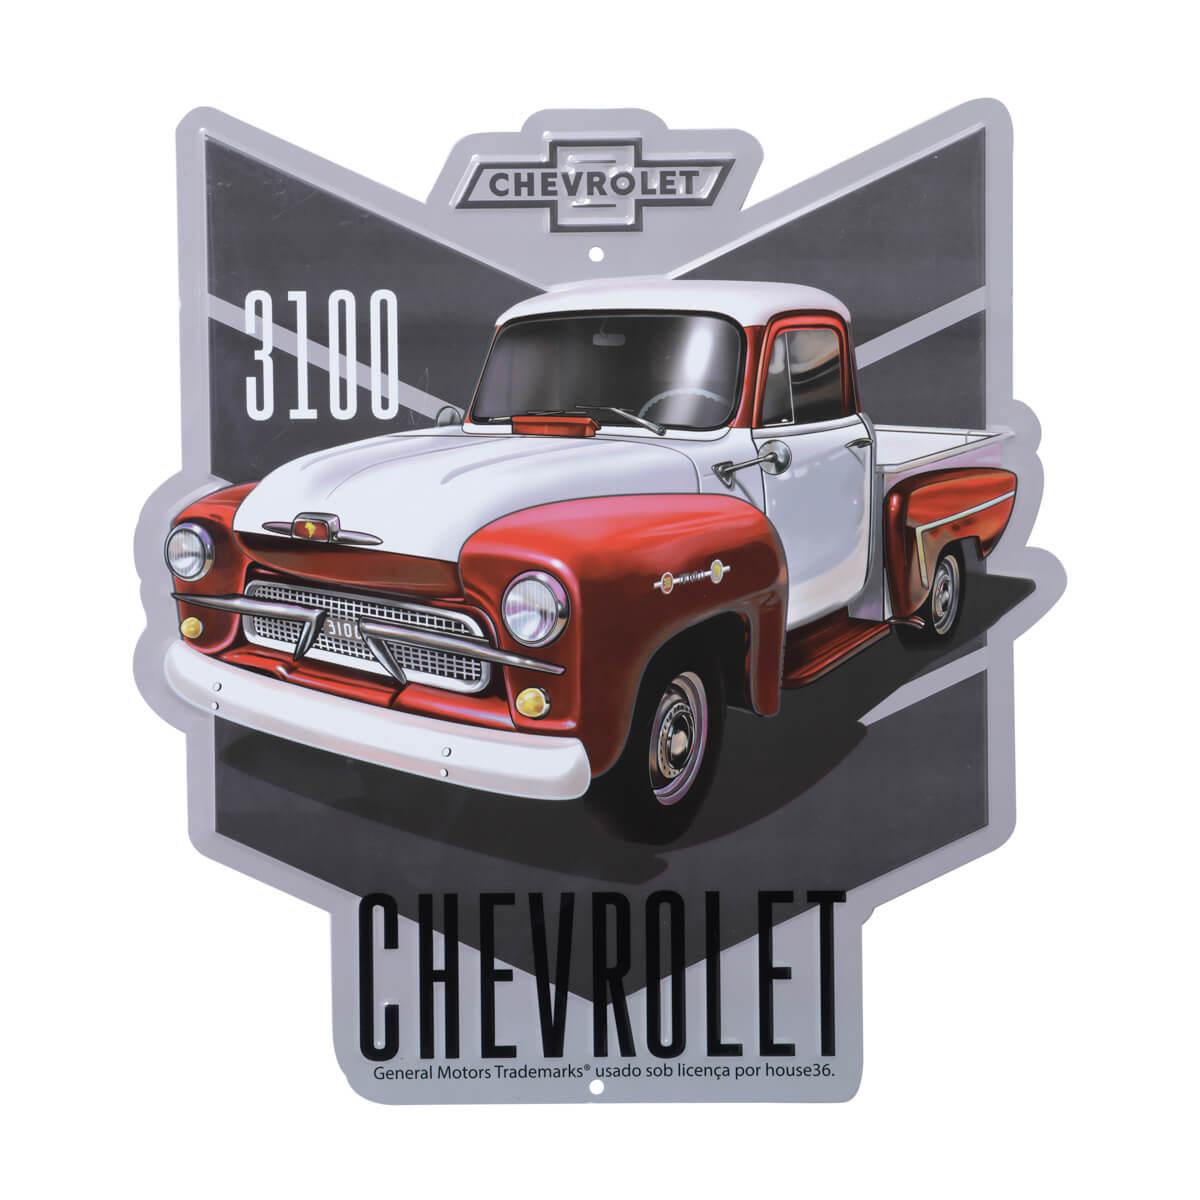 Placa de Alumínio com Recorte Chevrolet - Chevy 3100 - Vermelho / Branco